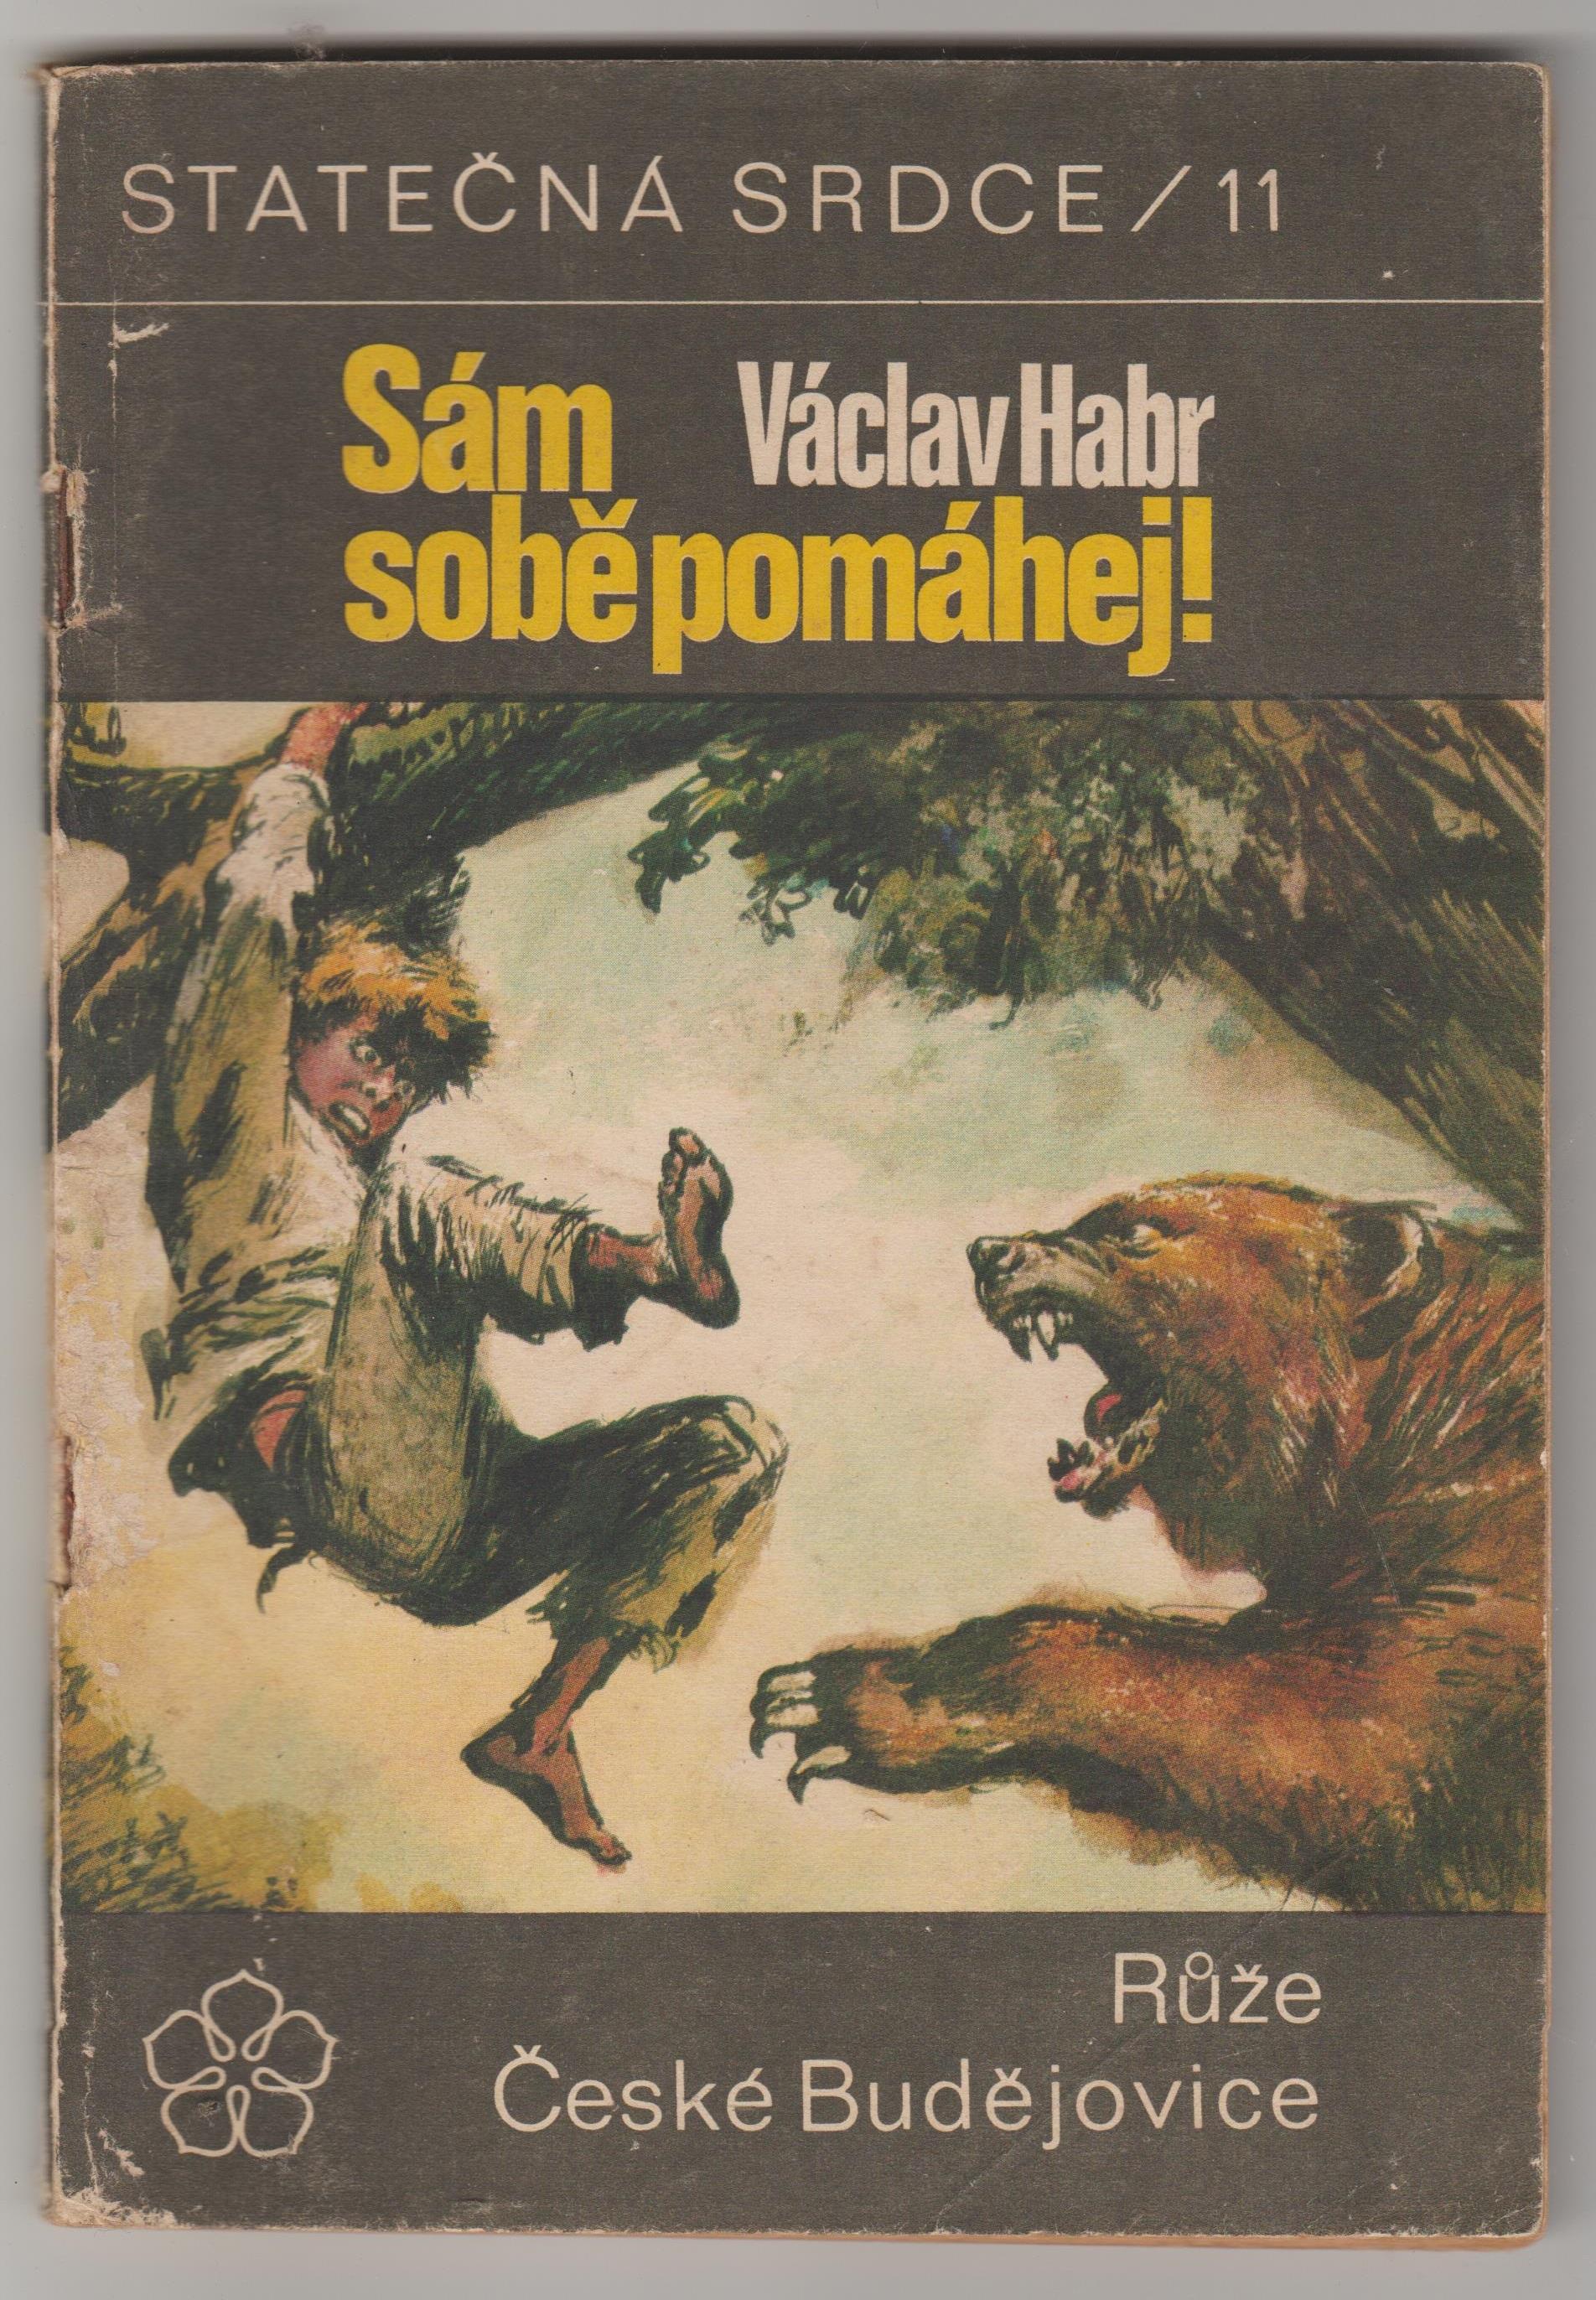 Sám sobě pomáhej!, statečná srdce /11 - Václav Habr